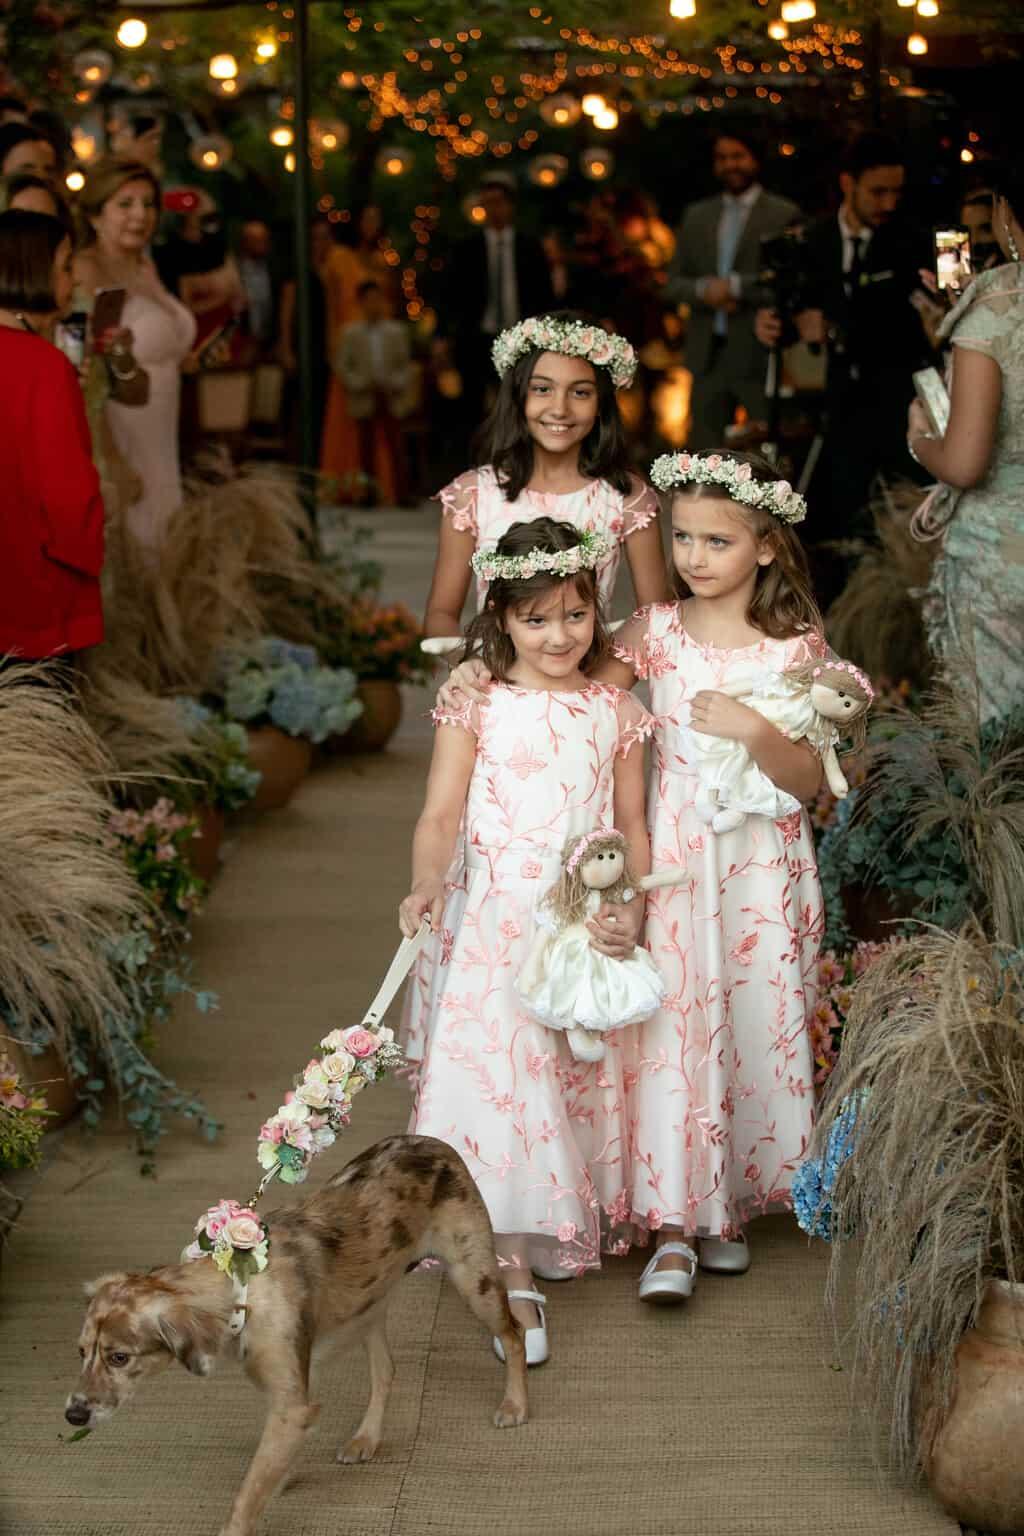 Casamento-Heloisa-e-Eduardo-Bolsonaro-cerimonia-ao-ar-livre-cerimonial-Márcia-Santiago-damas-Fotografia-Davi-Nascimento42